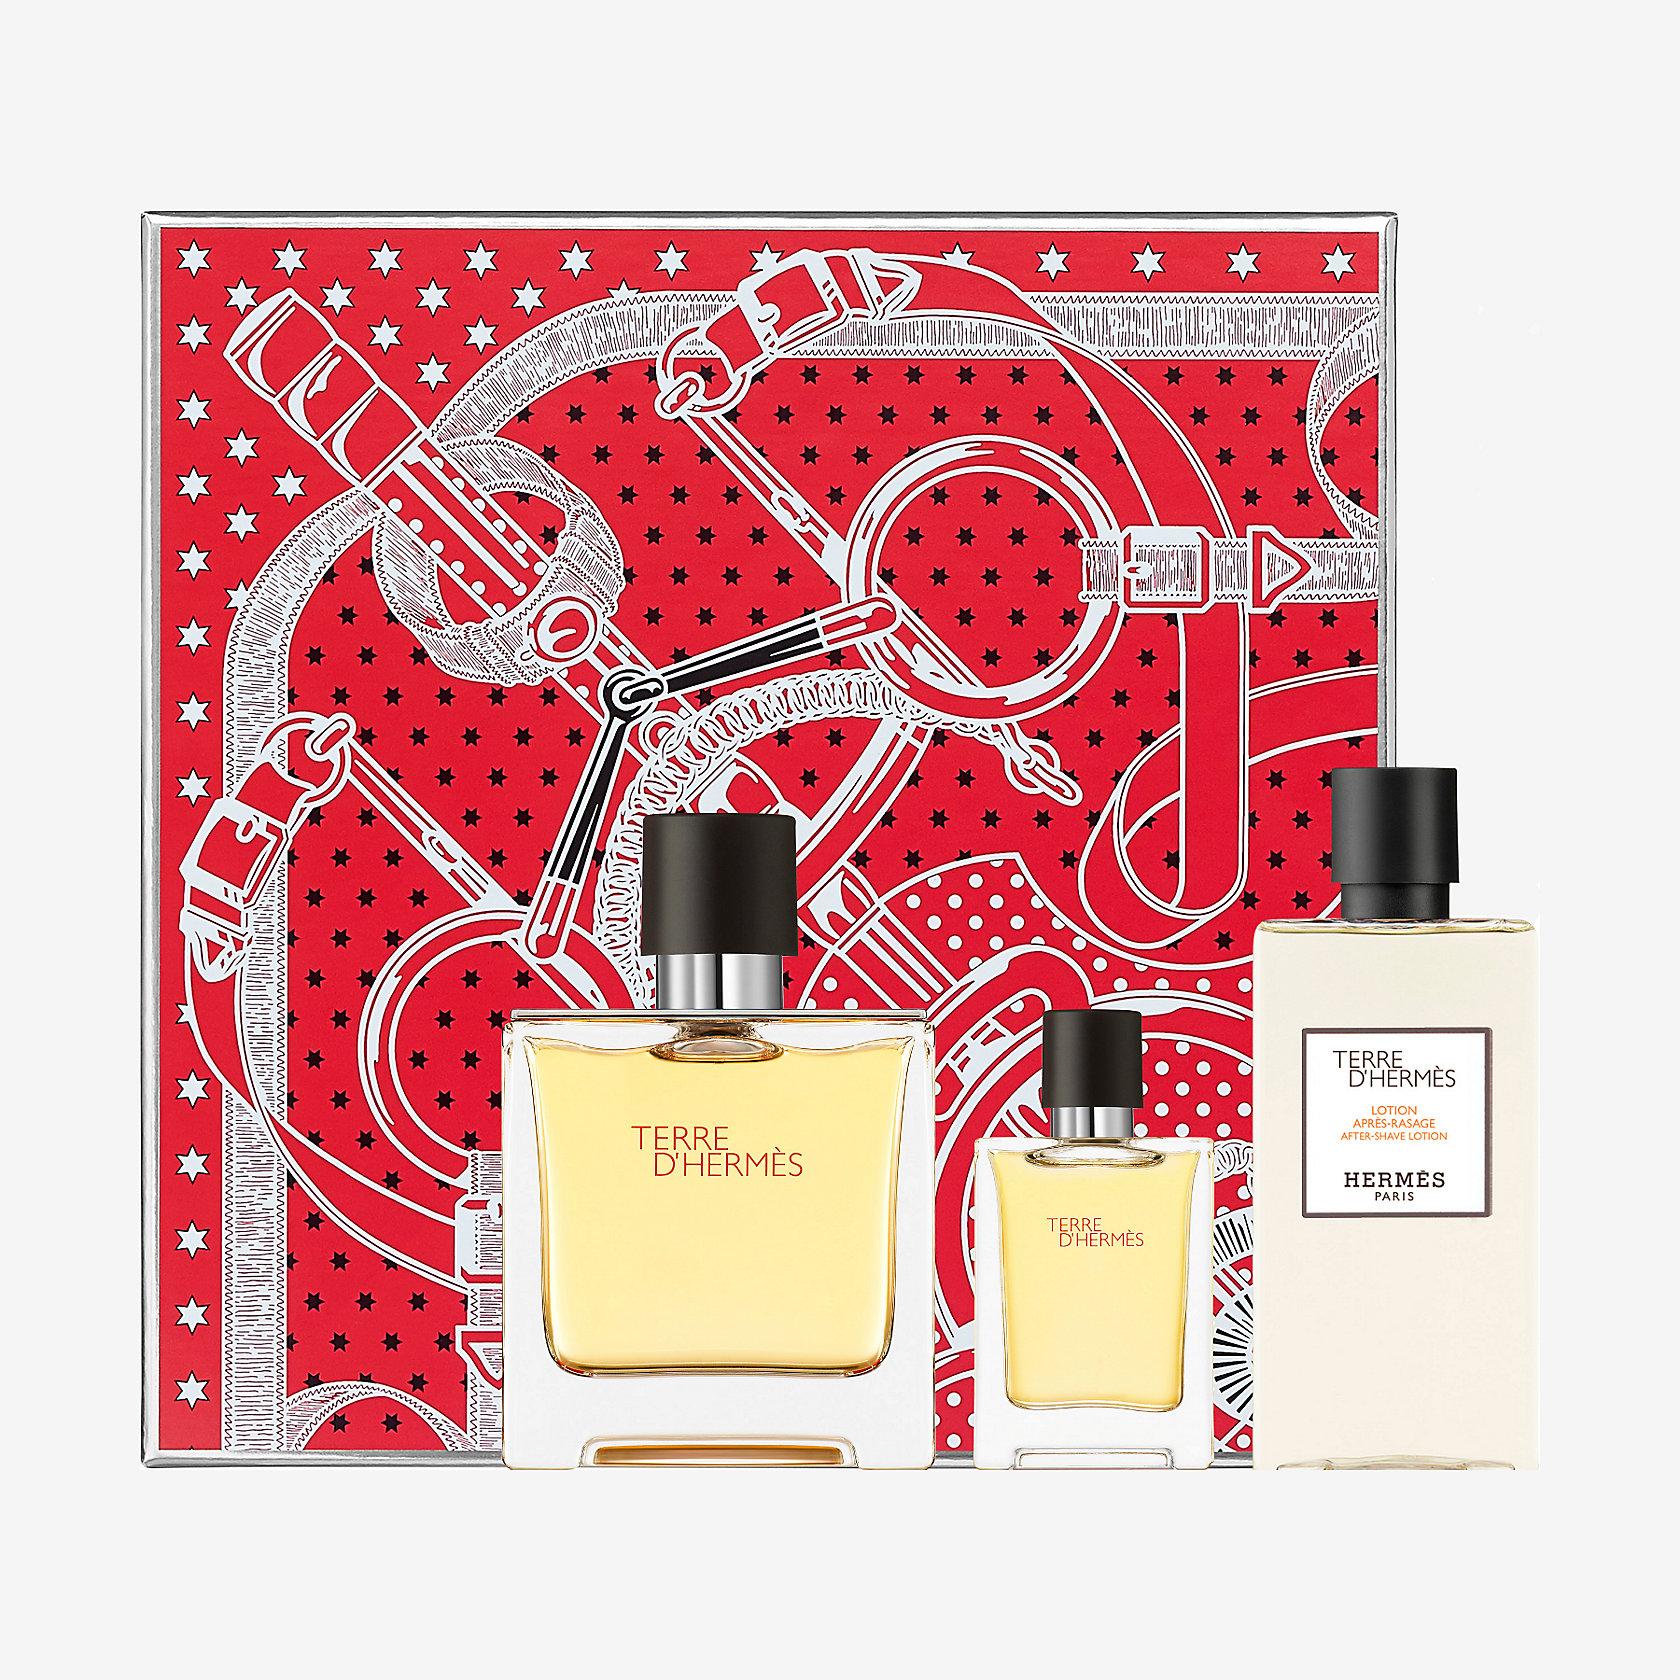 Coffret Terre Parfum Parfum Terre D'hermès D'hermès Parfum Terre D'hermès Coffret Terre Coffret sQrChtd